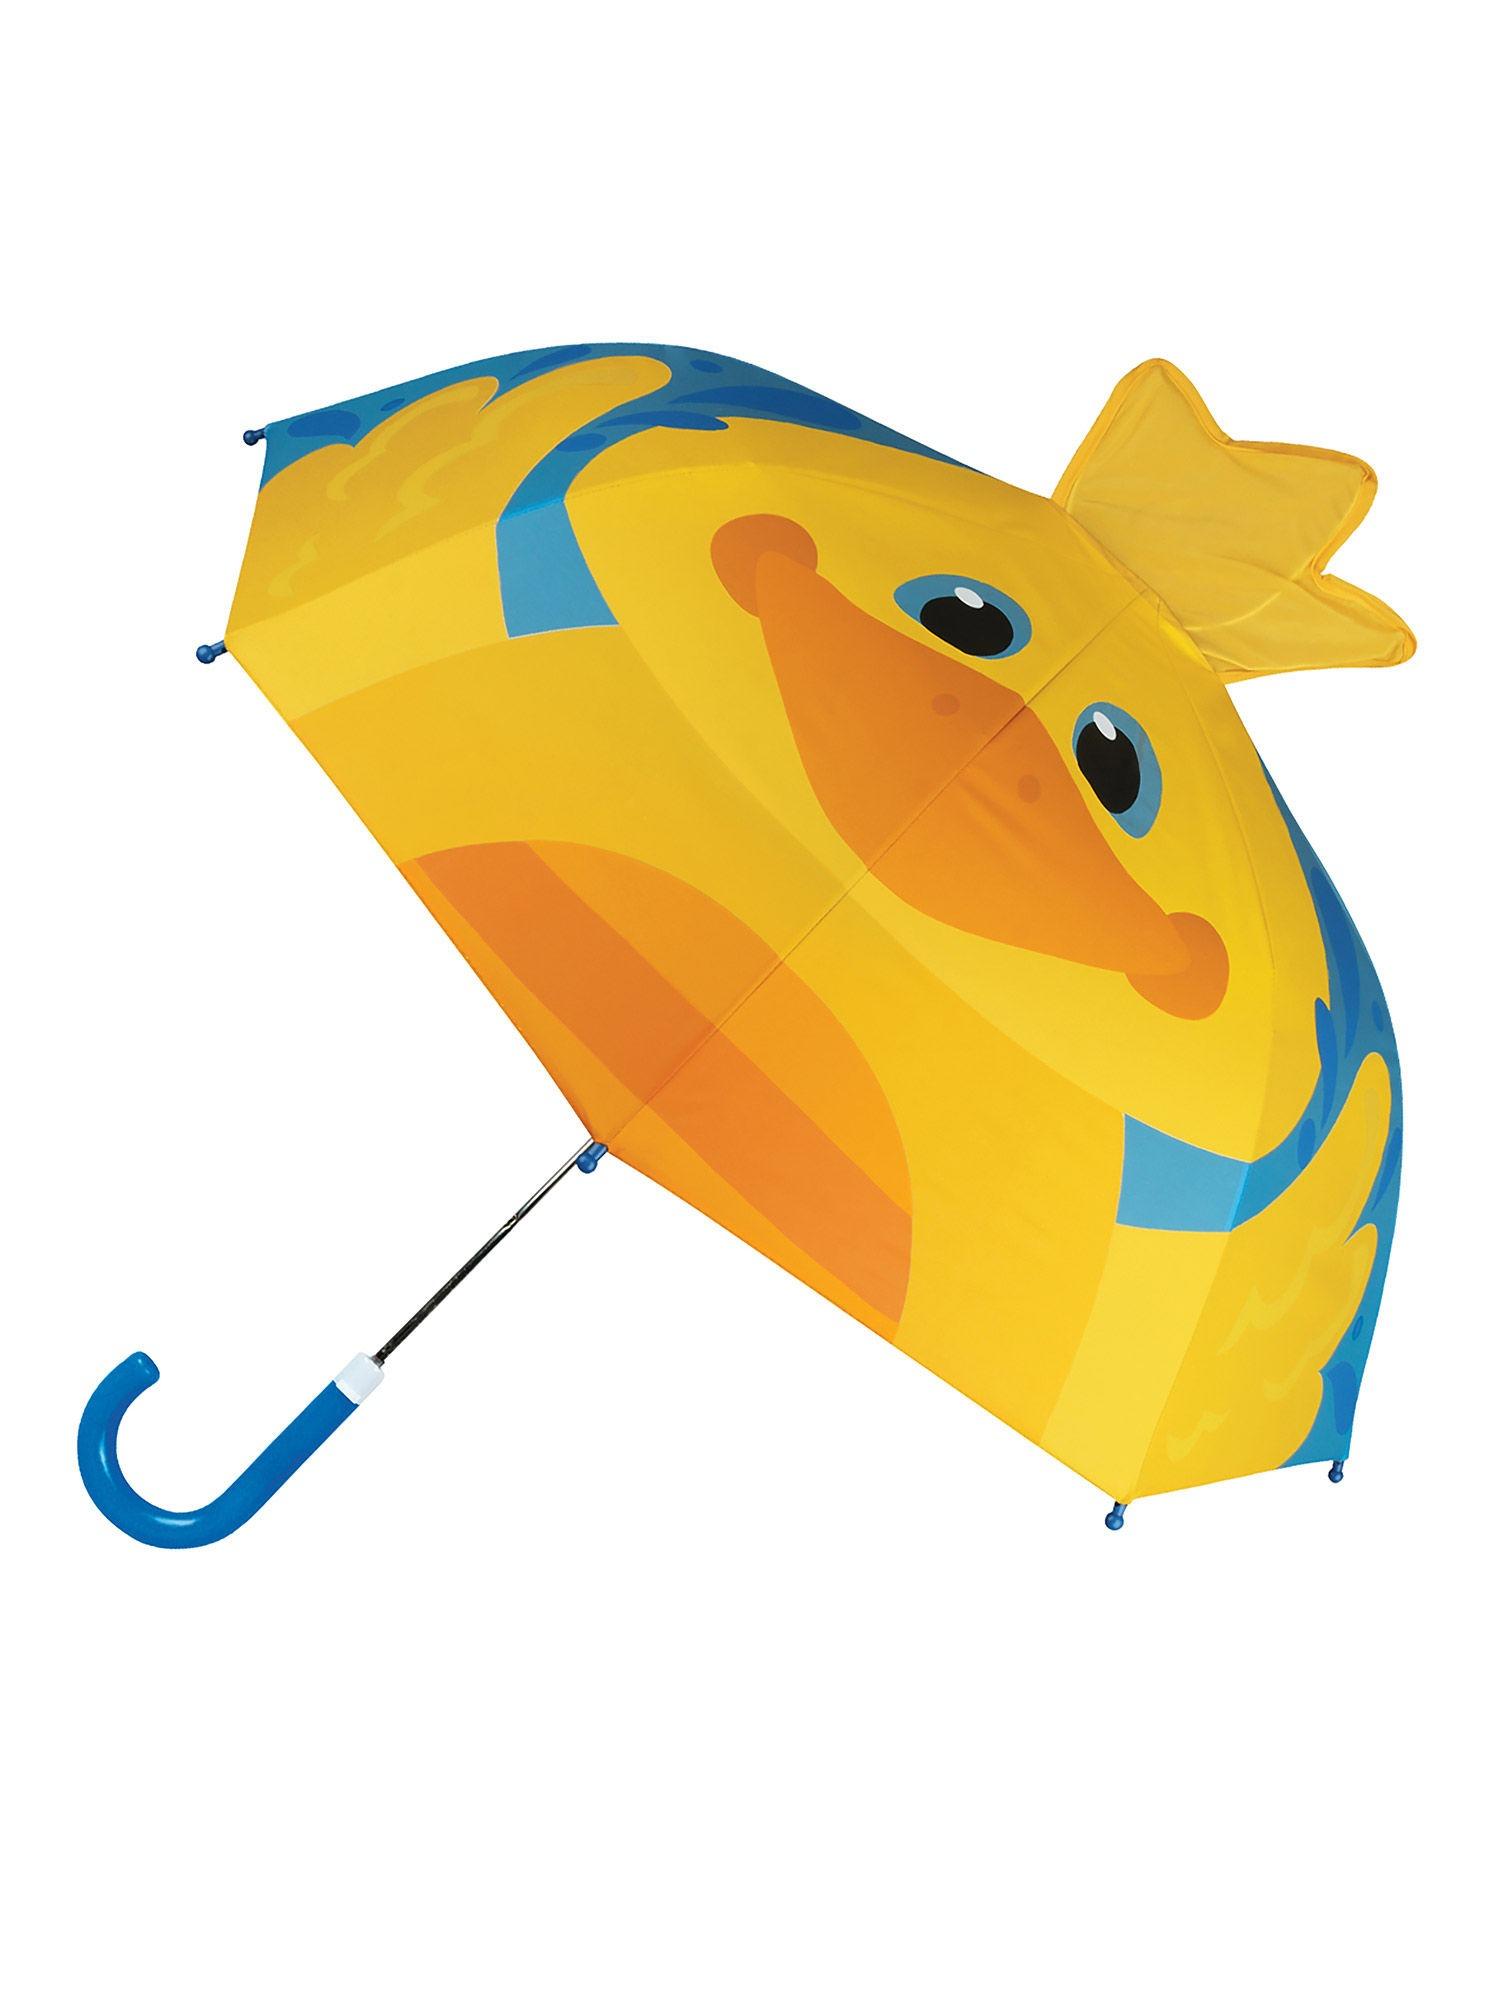 Ομπρέλα παιδική Pop-up - Stephen Joseph - Παπάκι